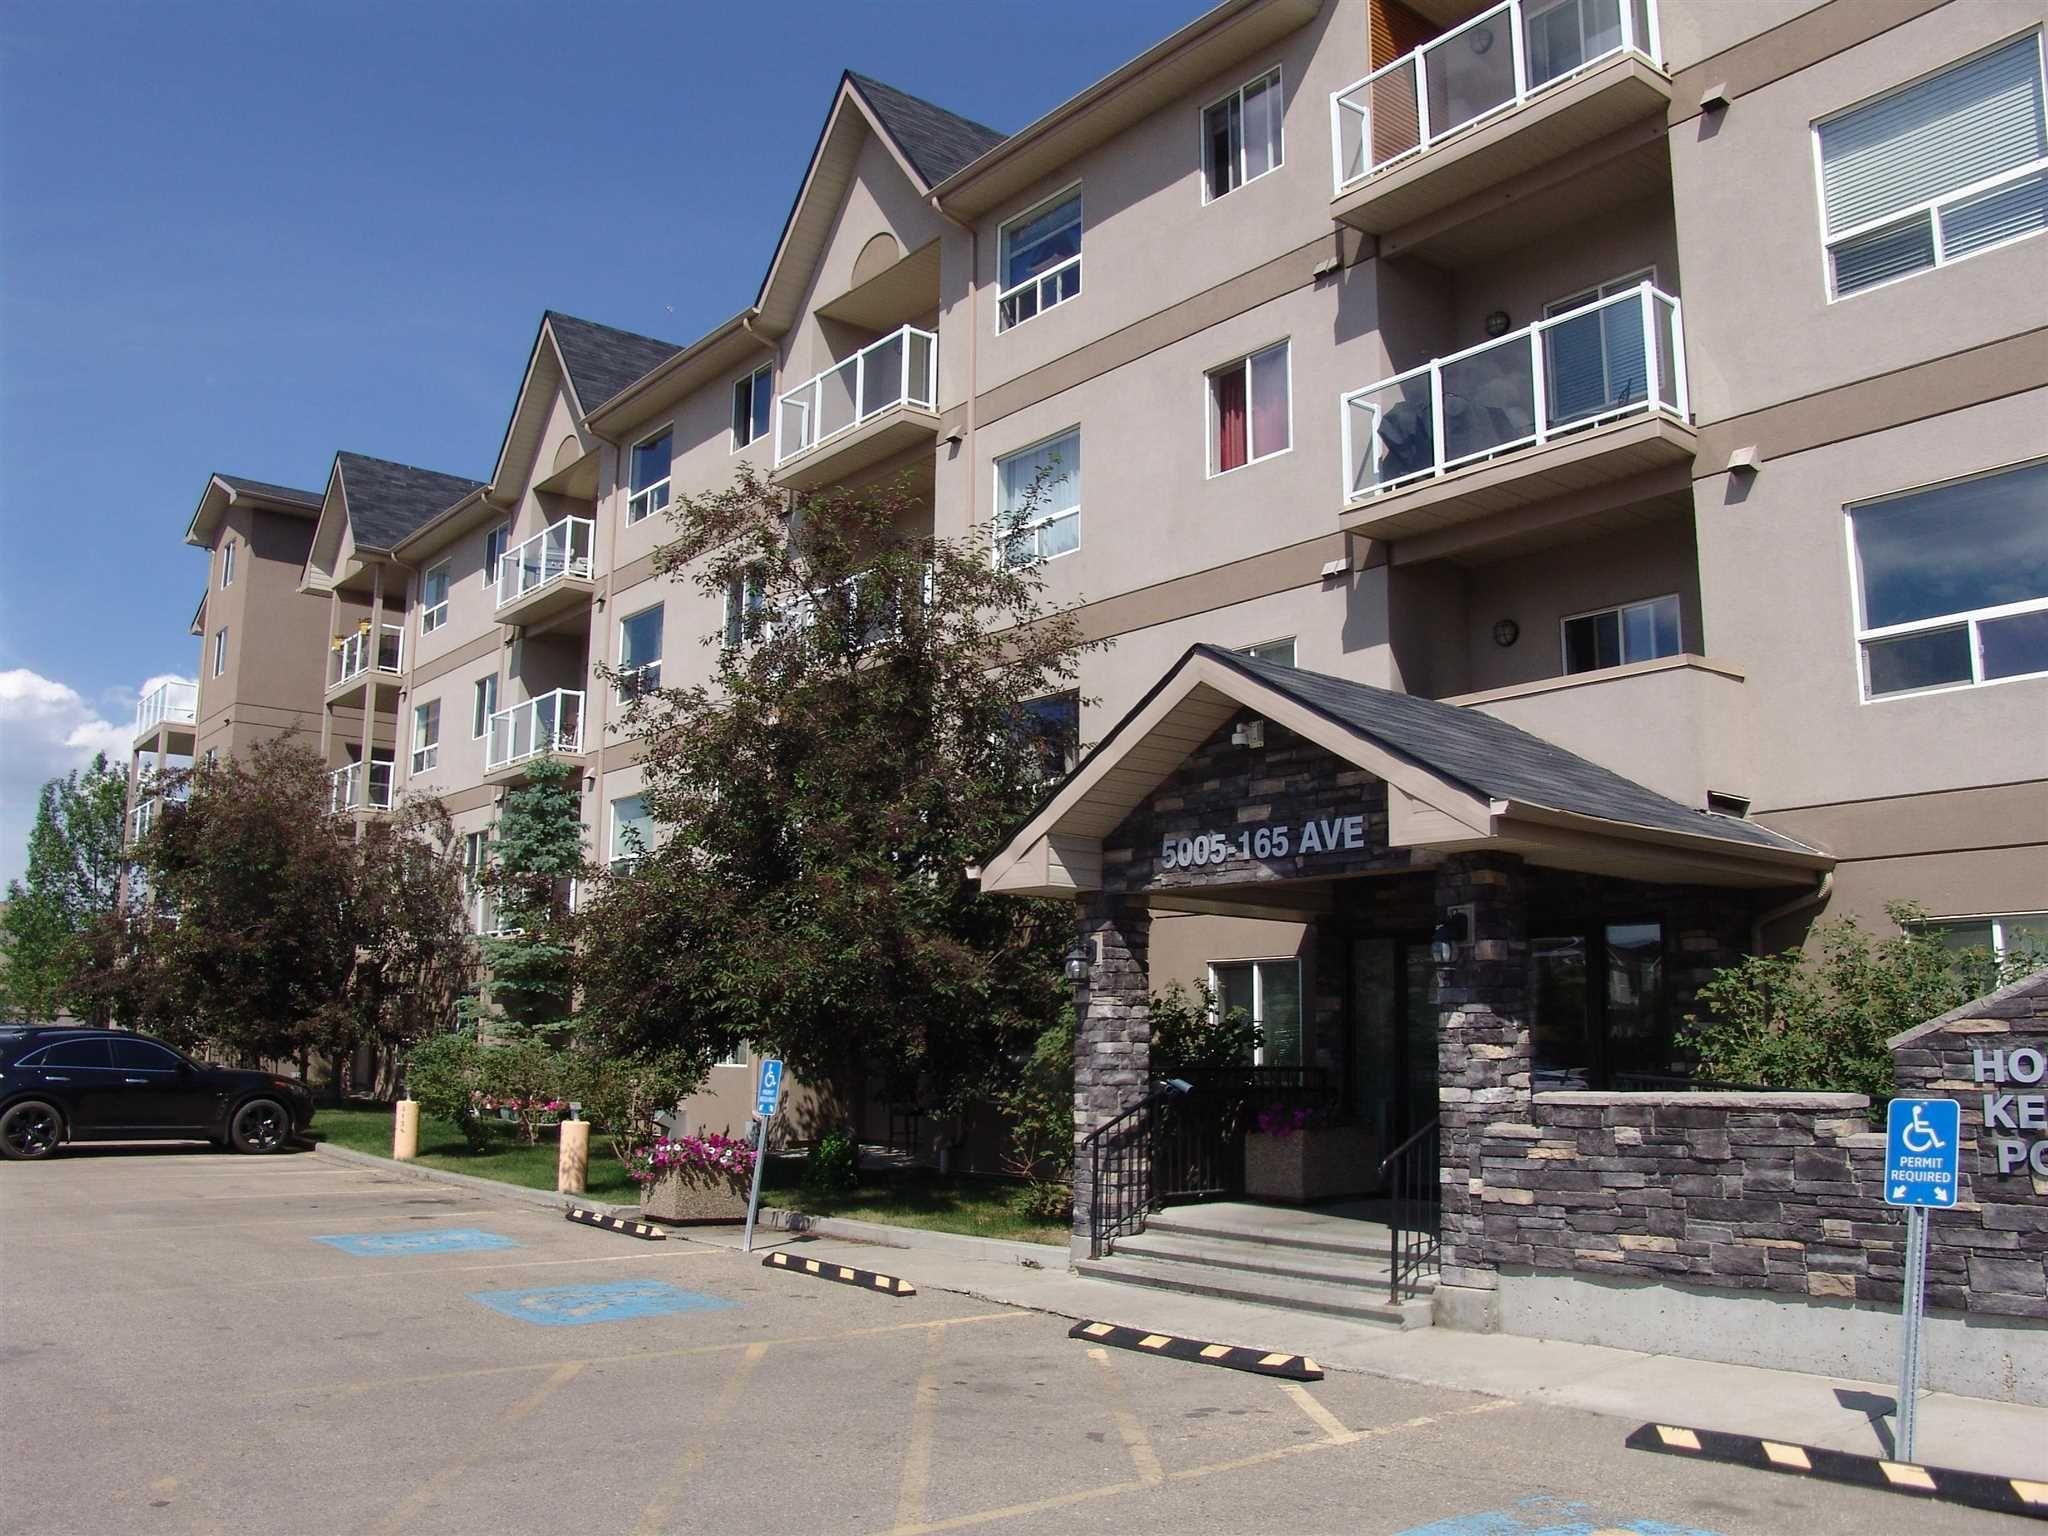 Main Photo: 319 5005 165 Avenue in Edmonton: Zone 03 Condo for sale : MLS®# E4251245